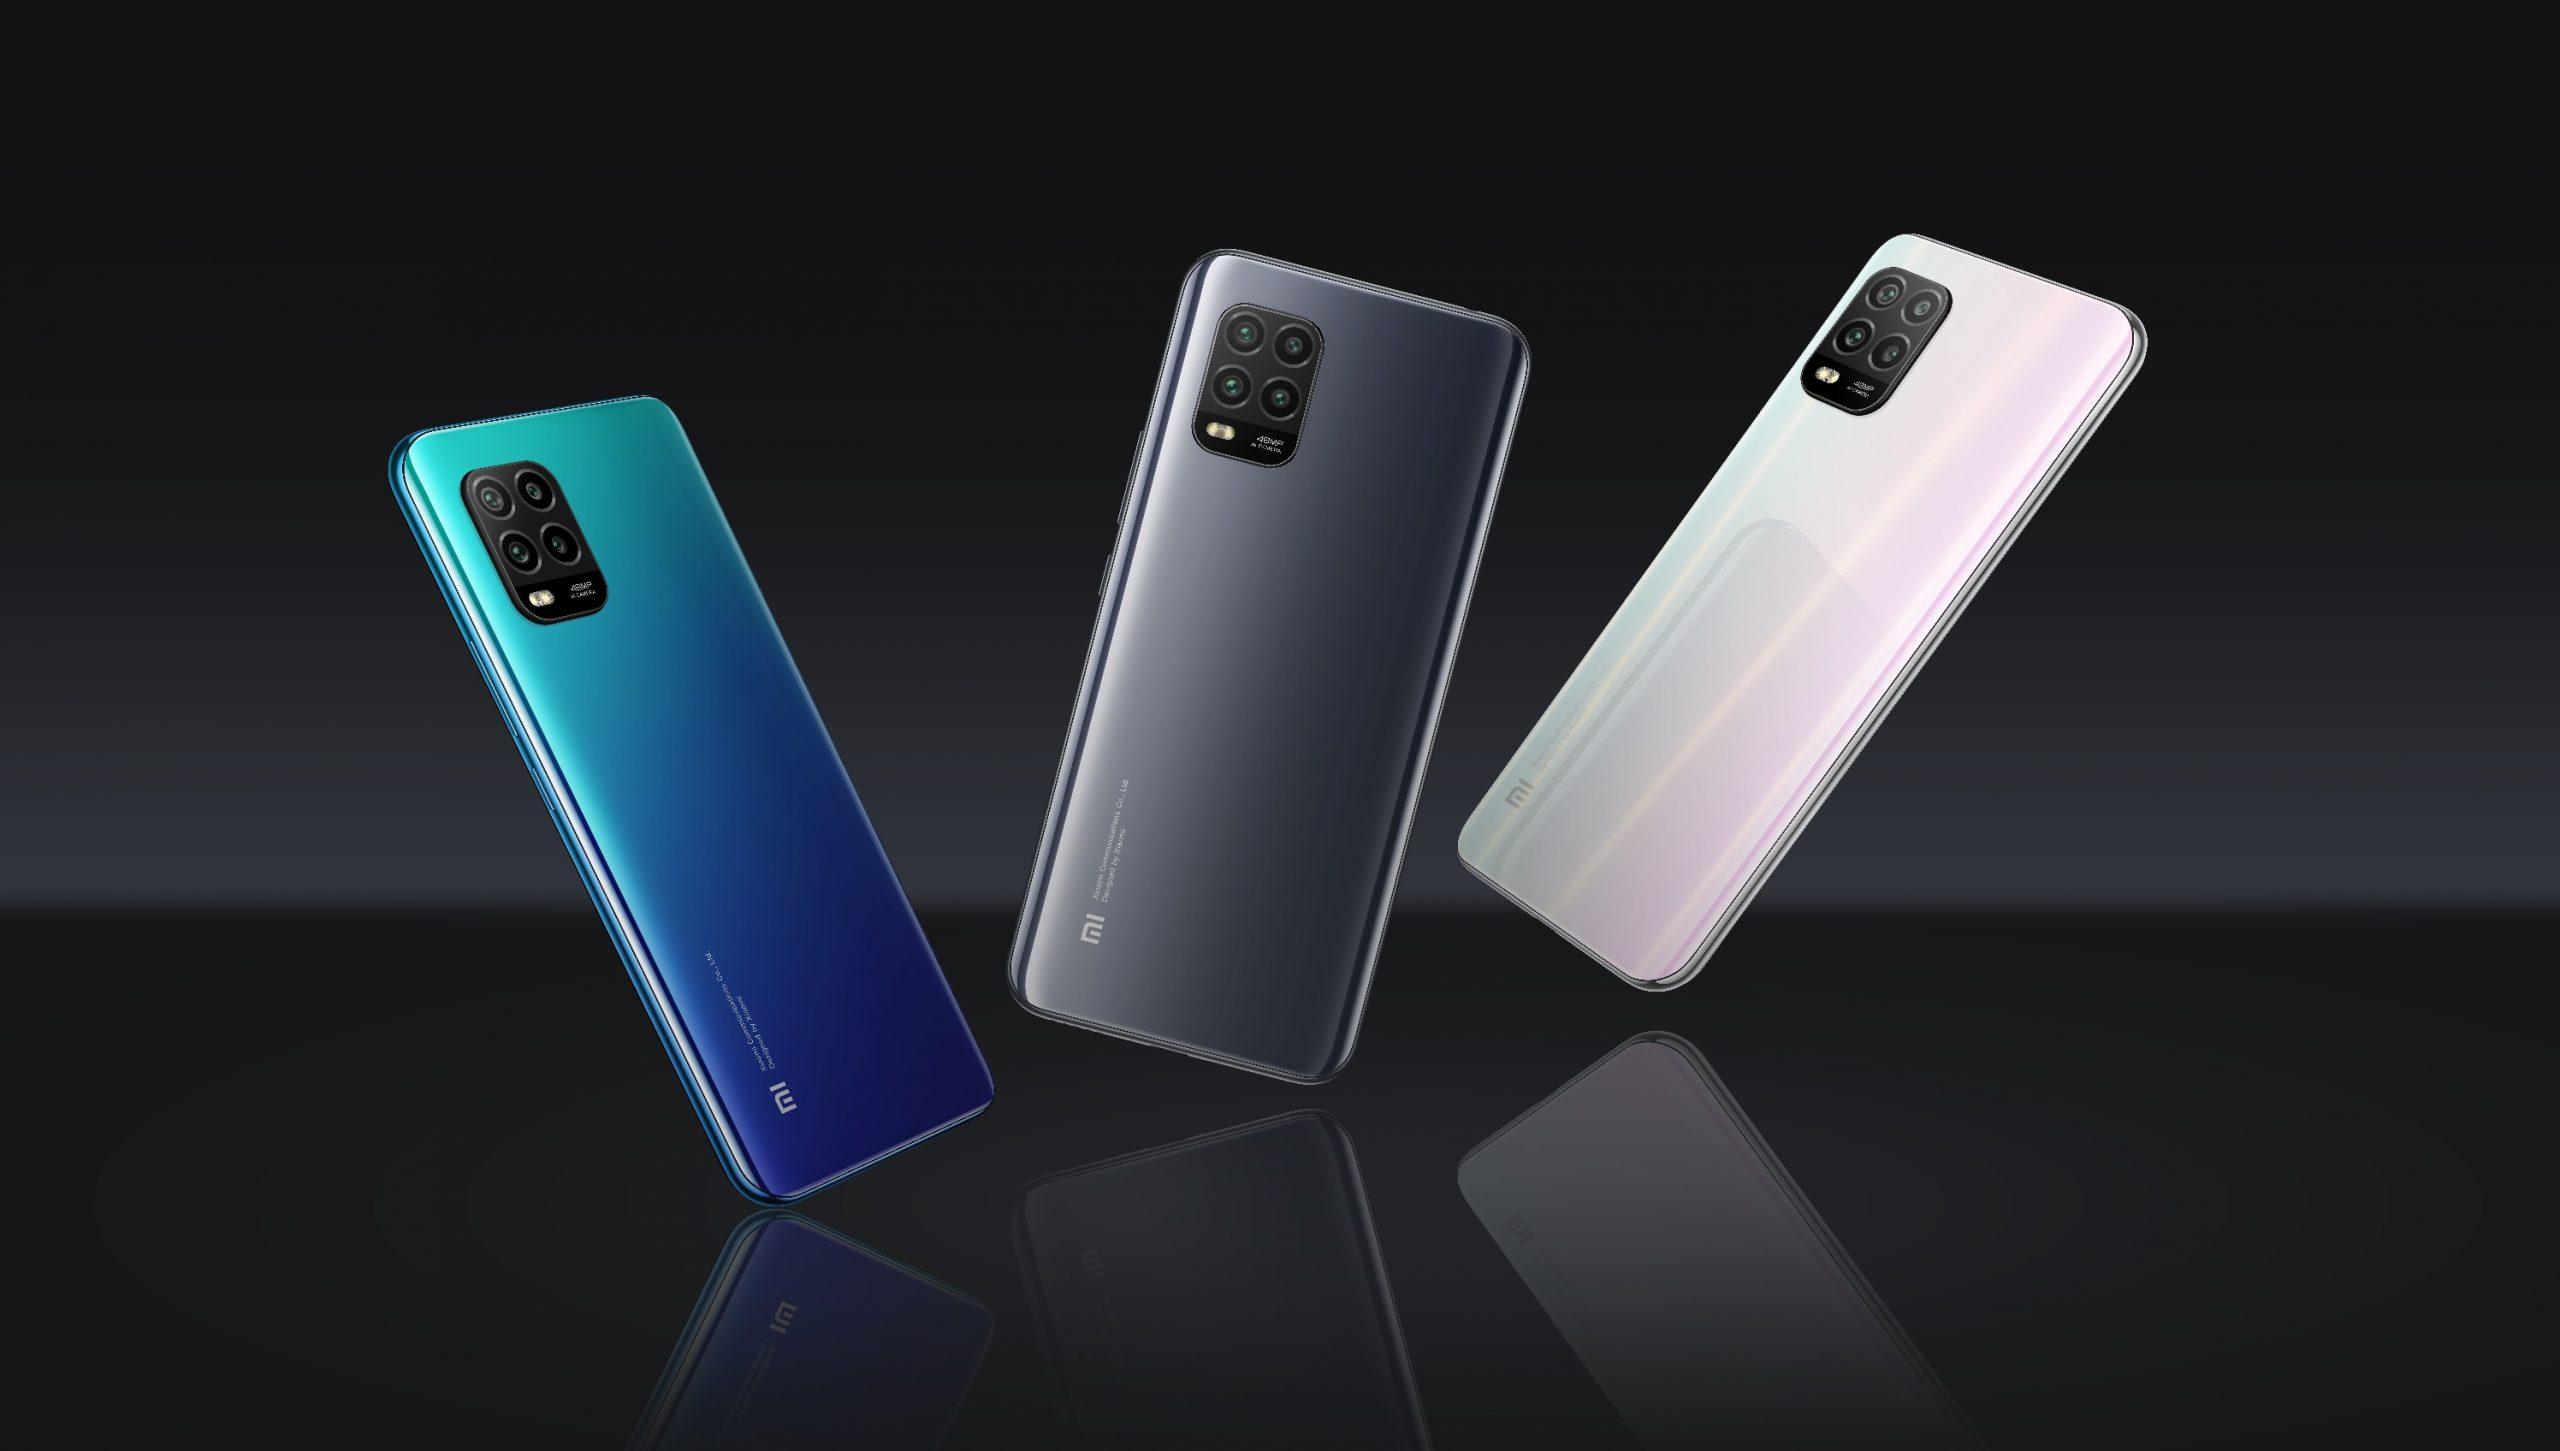 Xiaomi Mi 10 Lite 5G è stato presentato ufficialmente: non è ancora disponibile, ma è destinato a diventare un best-buy